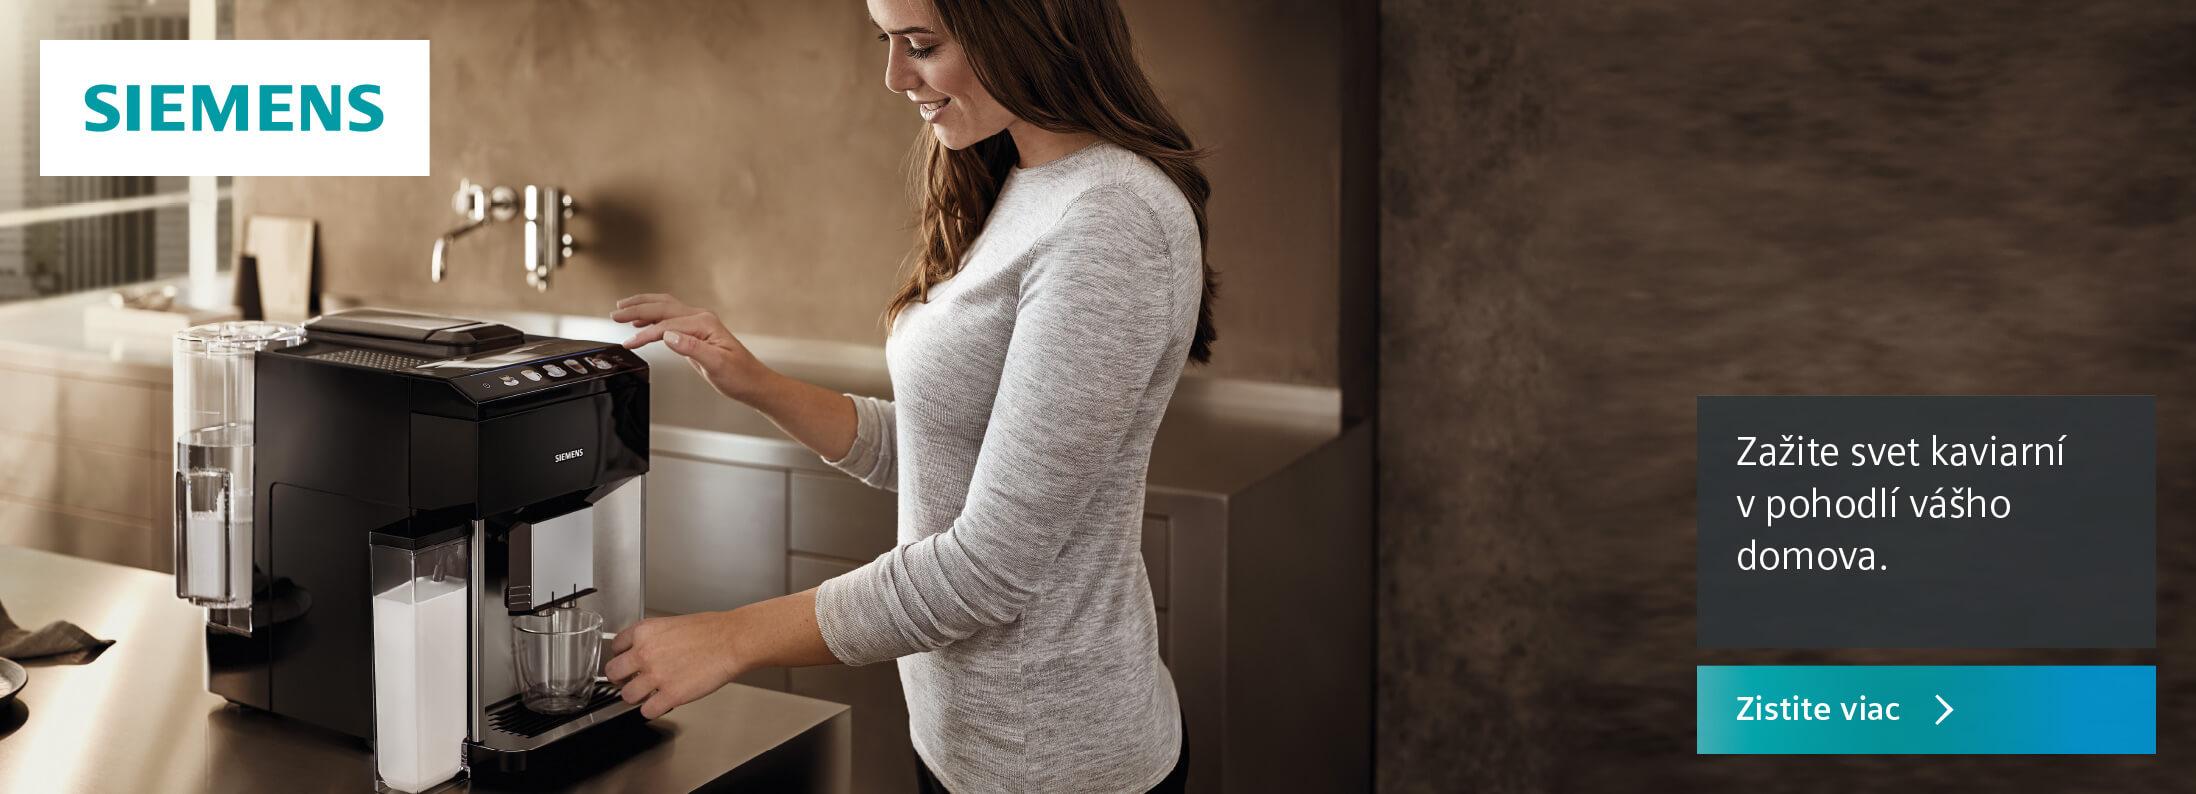 Siemens - Zažite svet kaviarní v pohodlí vášho domova